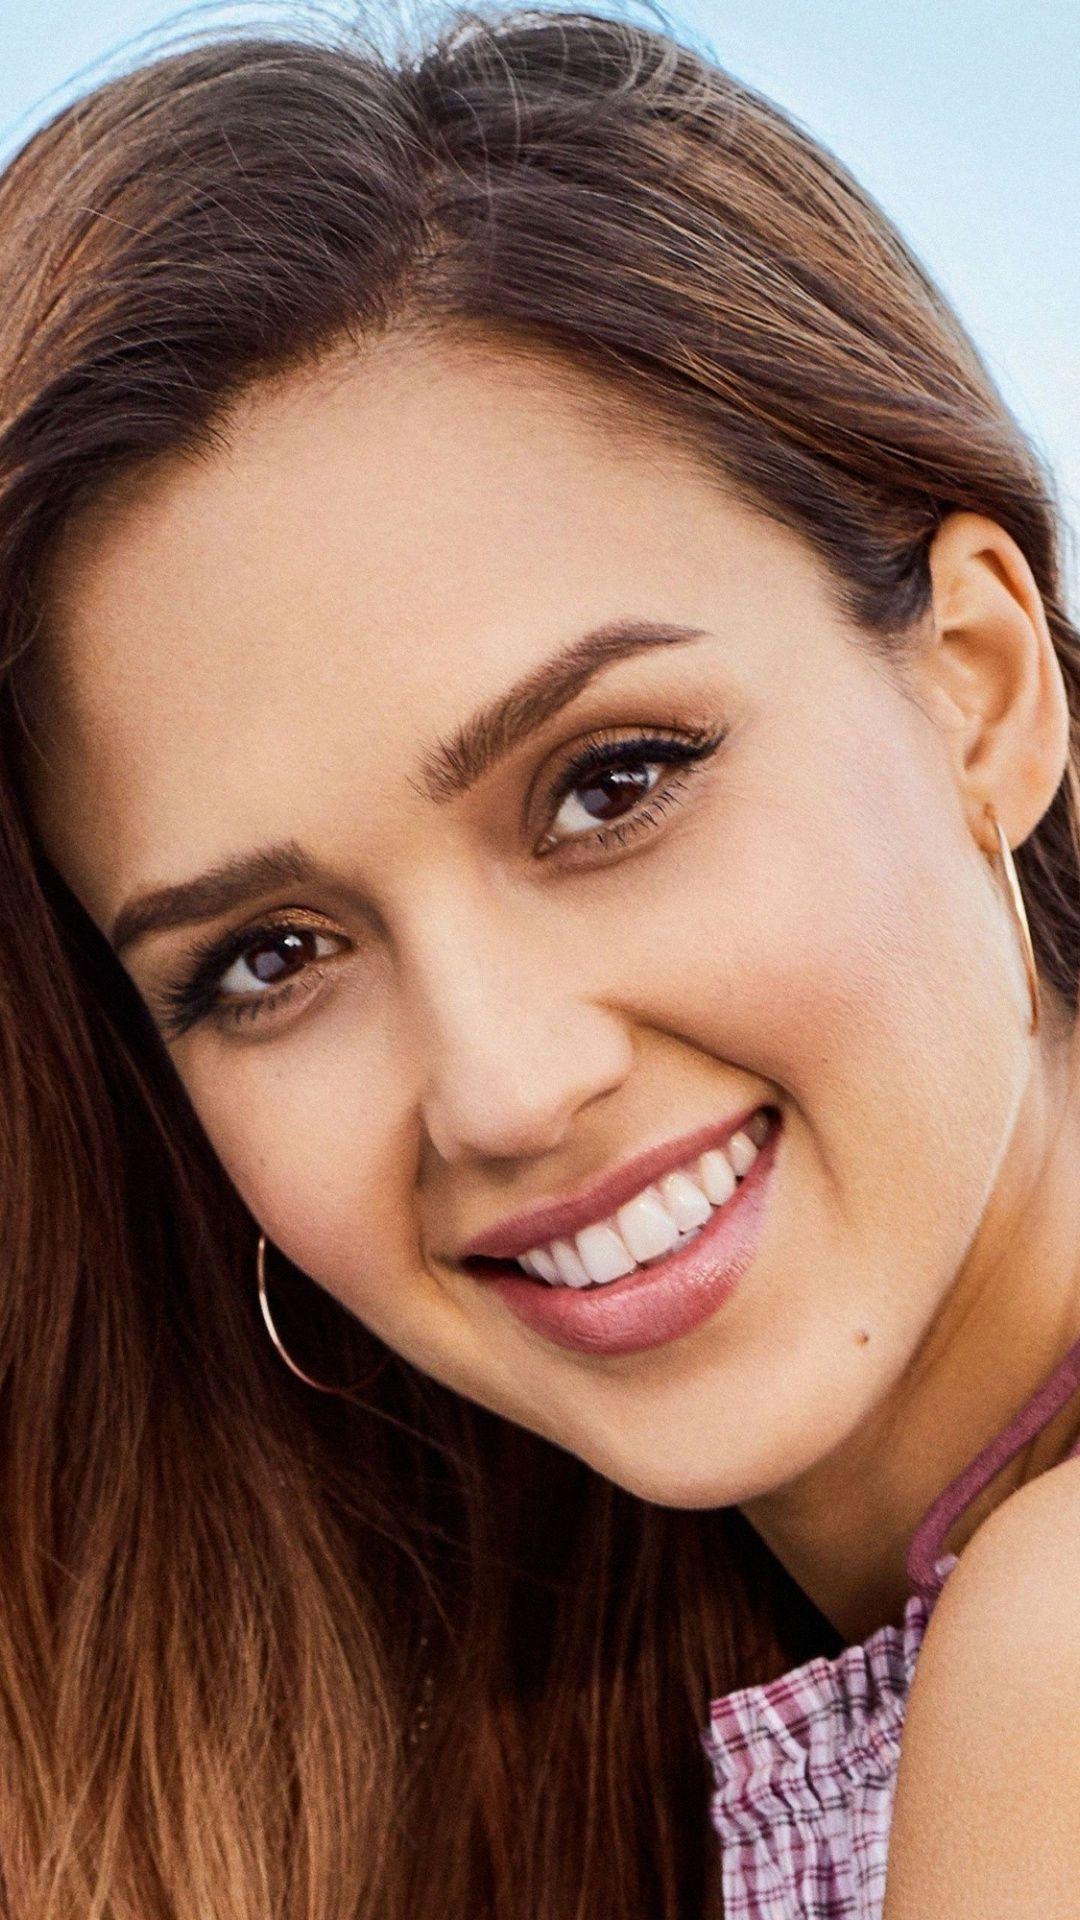 1080x1920 Smile Jessica Alba Gorgeous Actress Wallpaper In 2020